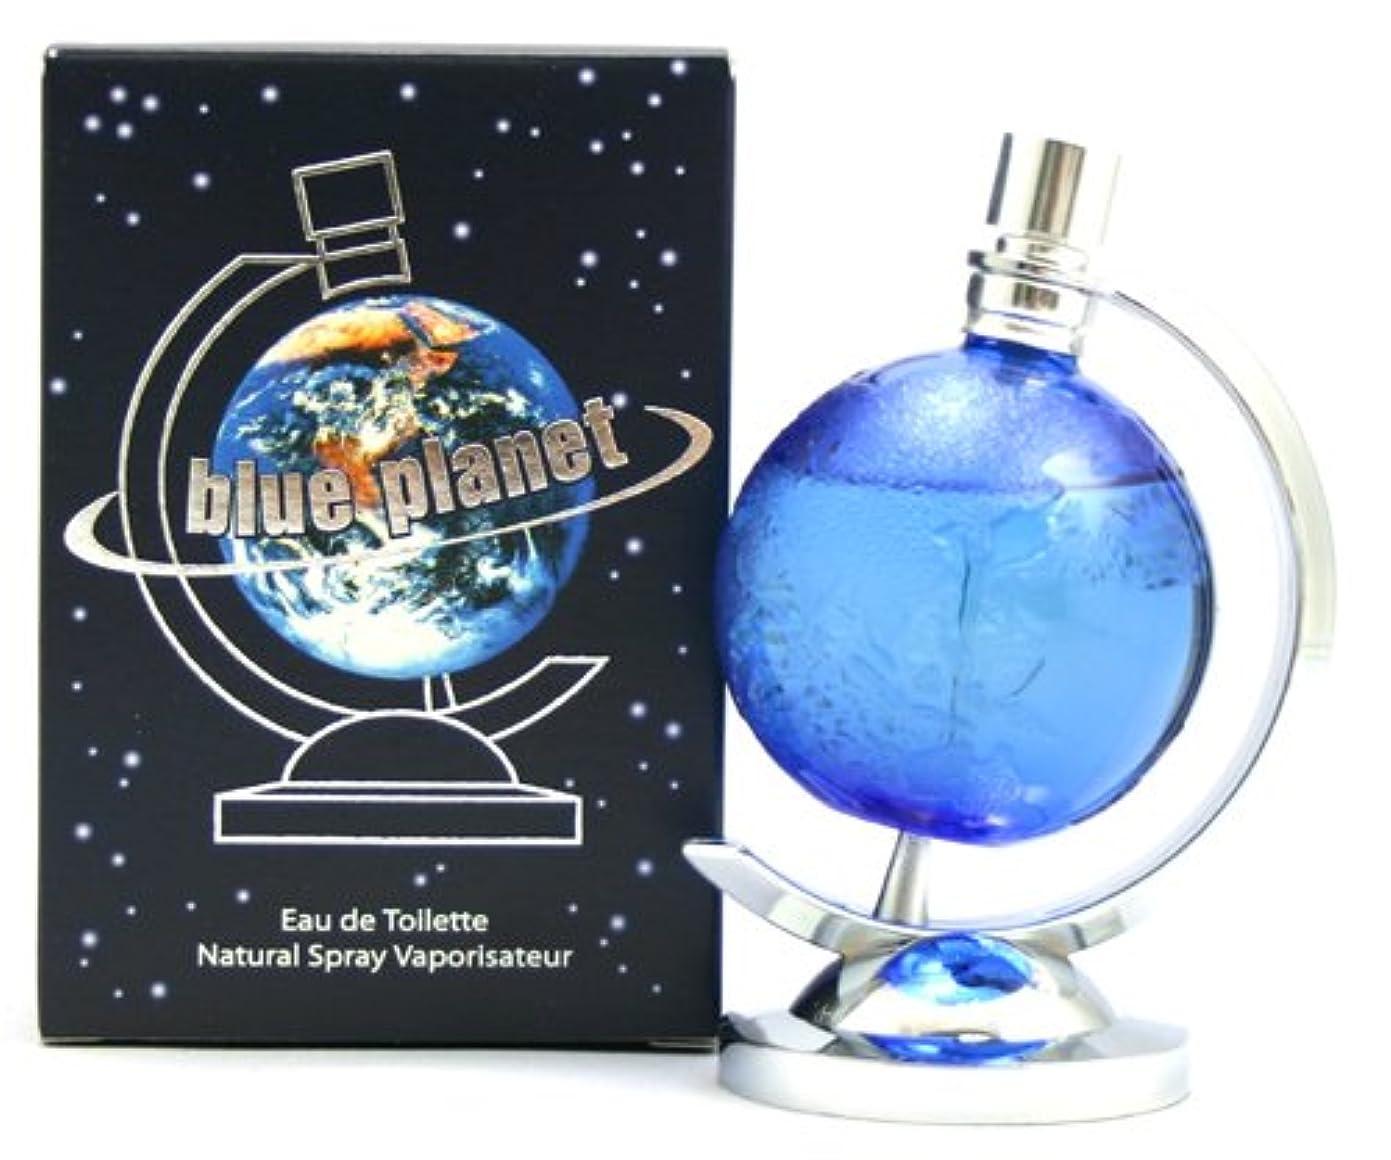 オピエートオーガニックやめるエラドフランス(ミーパ) ブループラネット 50ML メンズ レディース 香水 ユニセックス (並行輸入品)